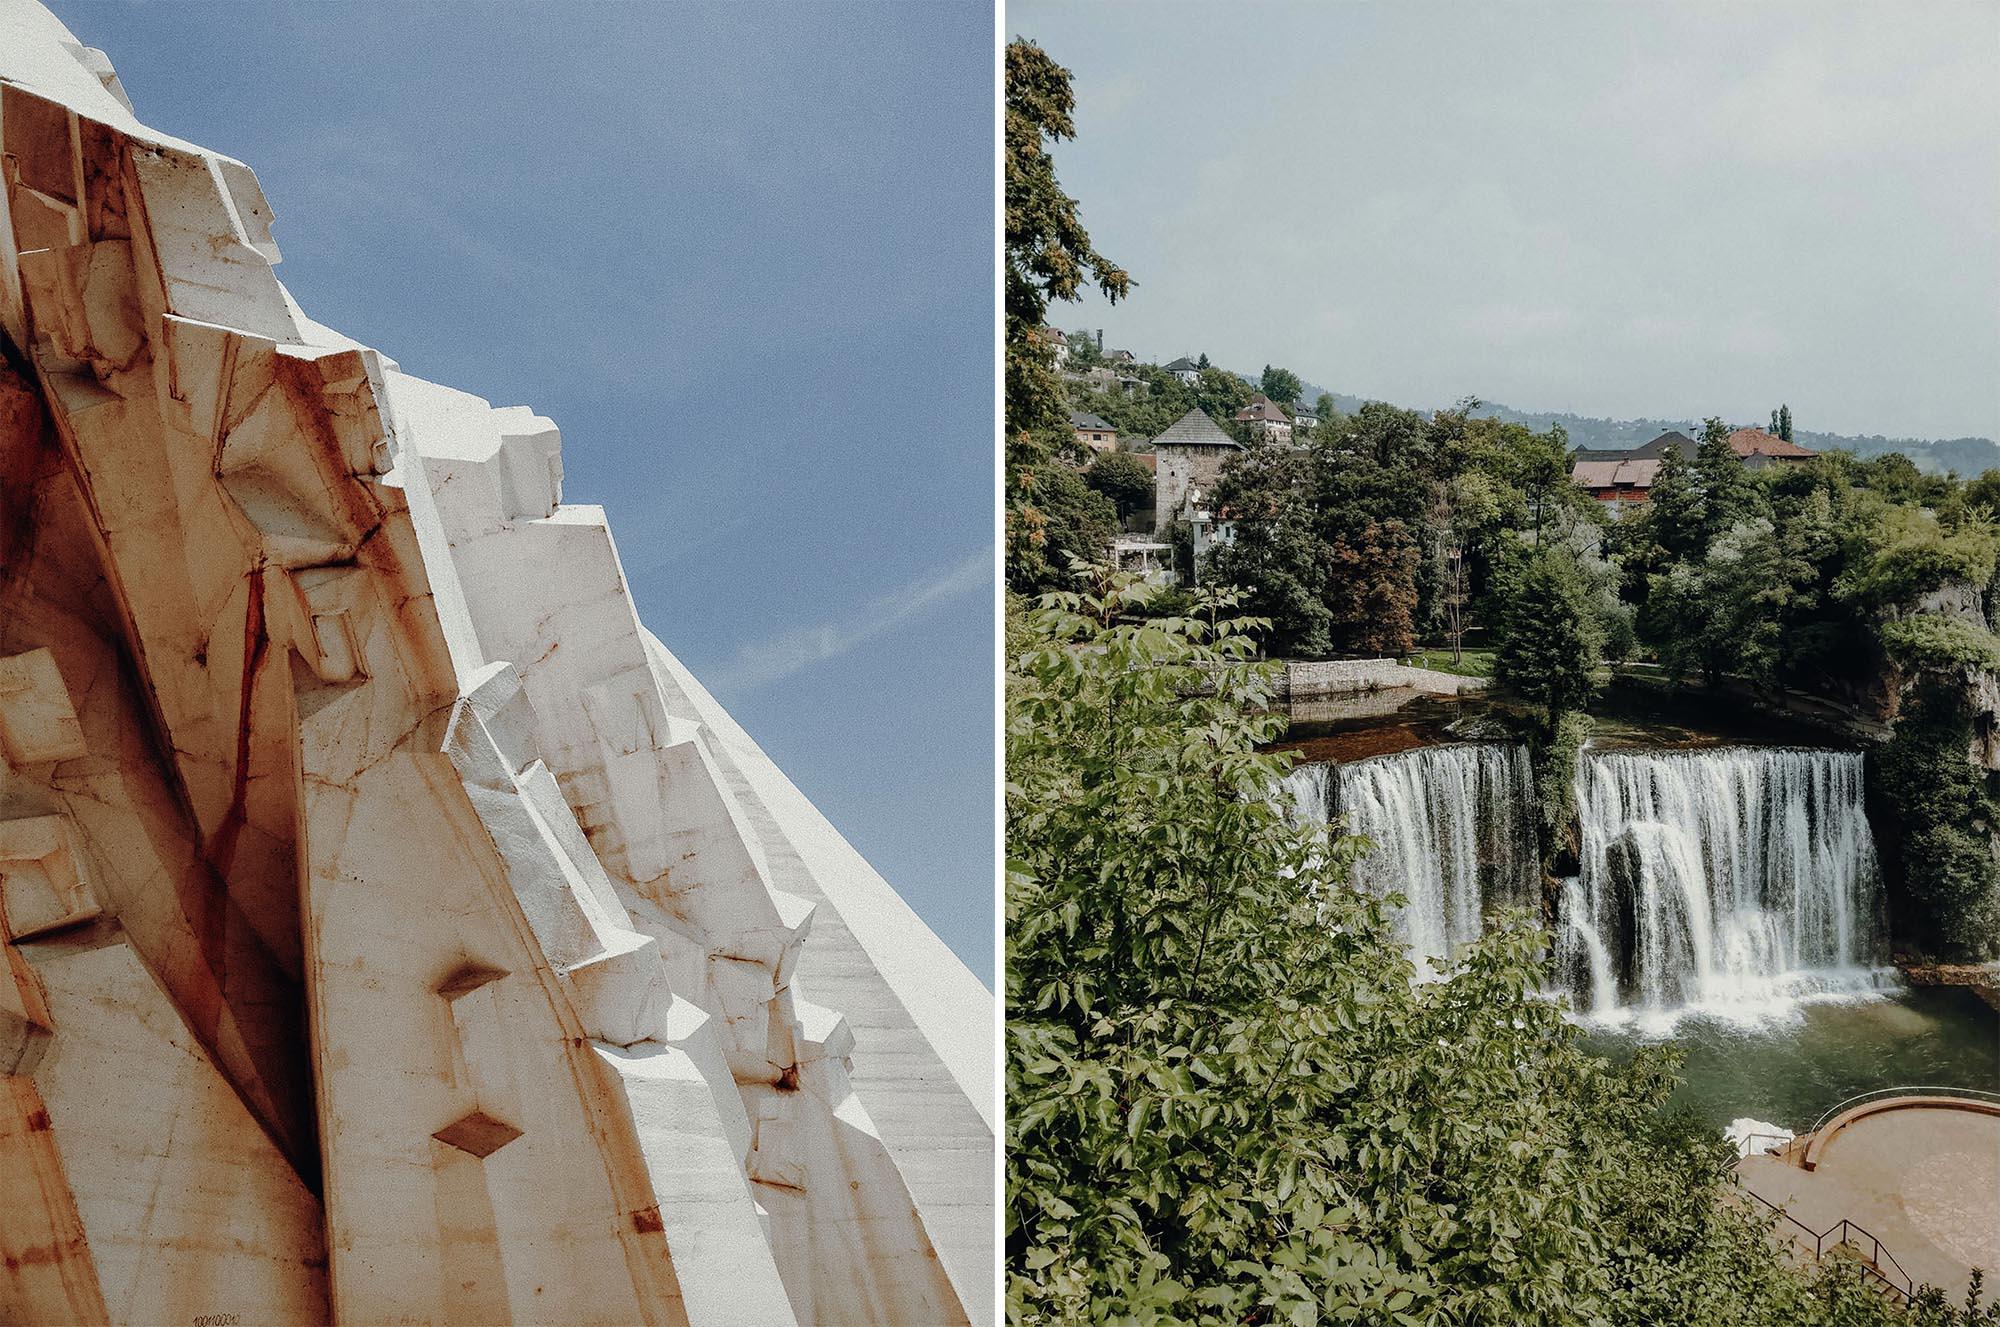 Kriegsdenkmal in Bosnien und der Wasserfall in Jajce. Roadtrip durch Bosnien Montenegro Kroatien. Am Balkan vegan essen, reisen, fahren, packen. Dogdays of Summer vegan vintage Blog